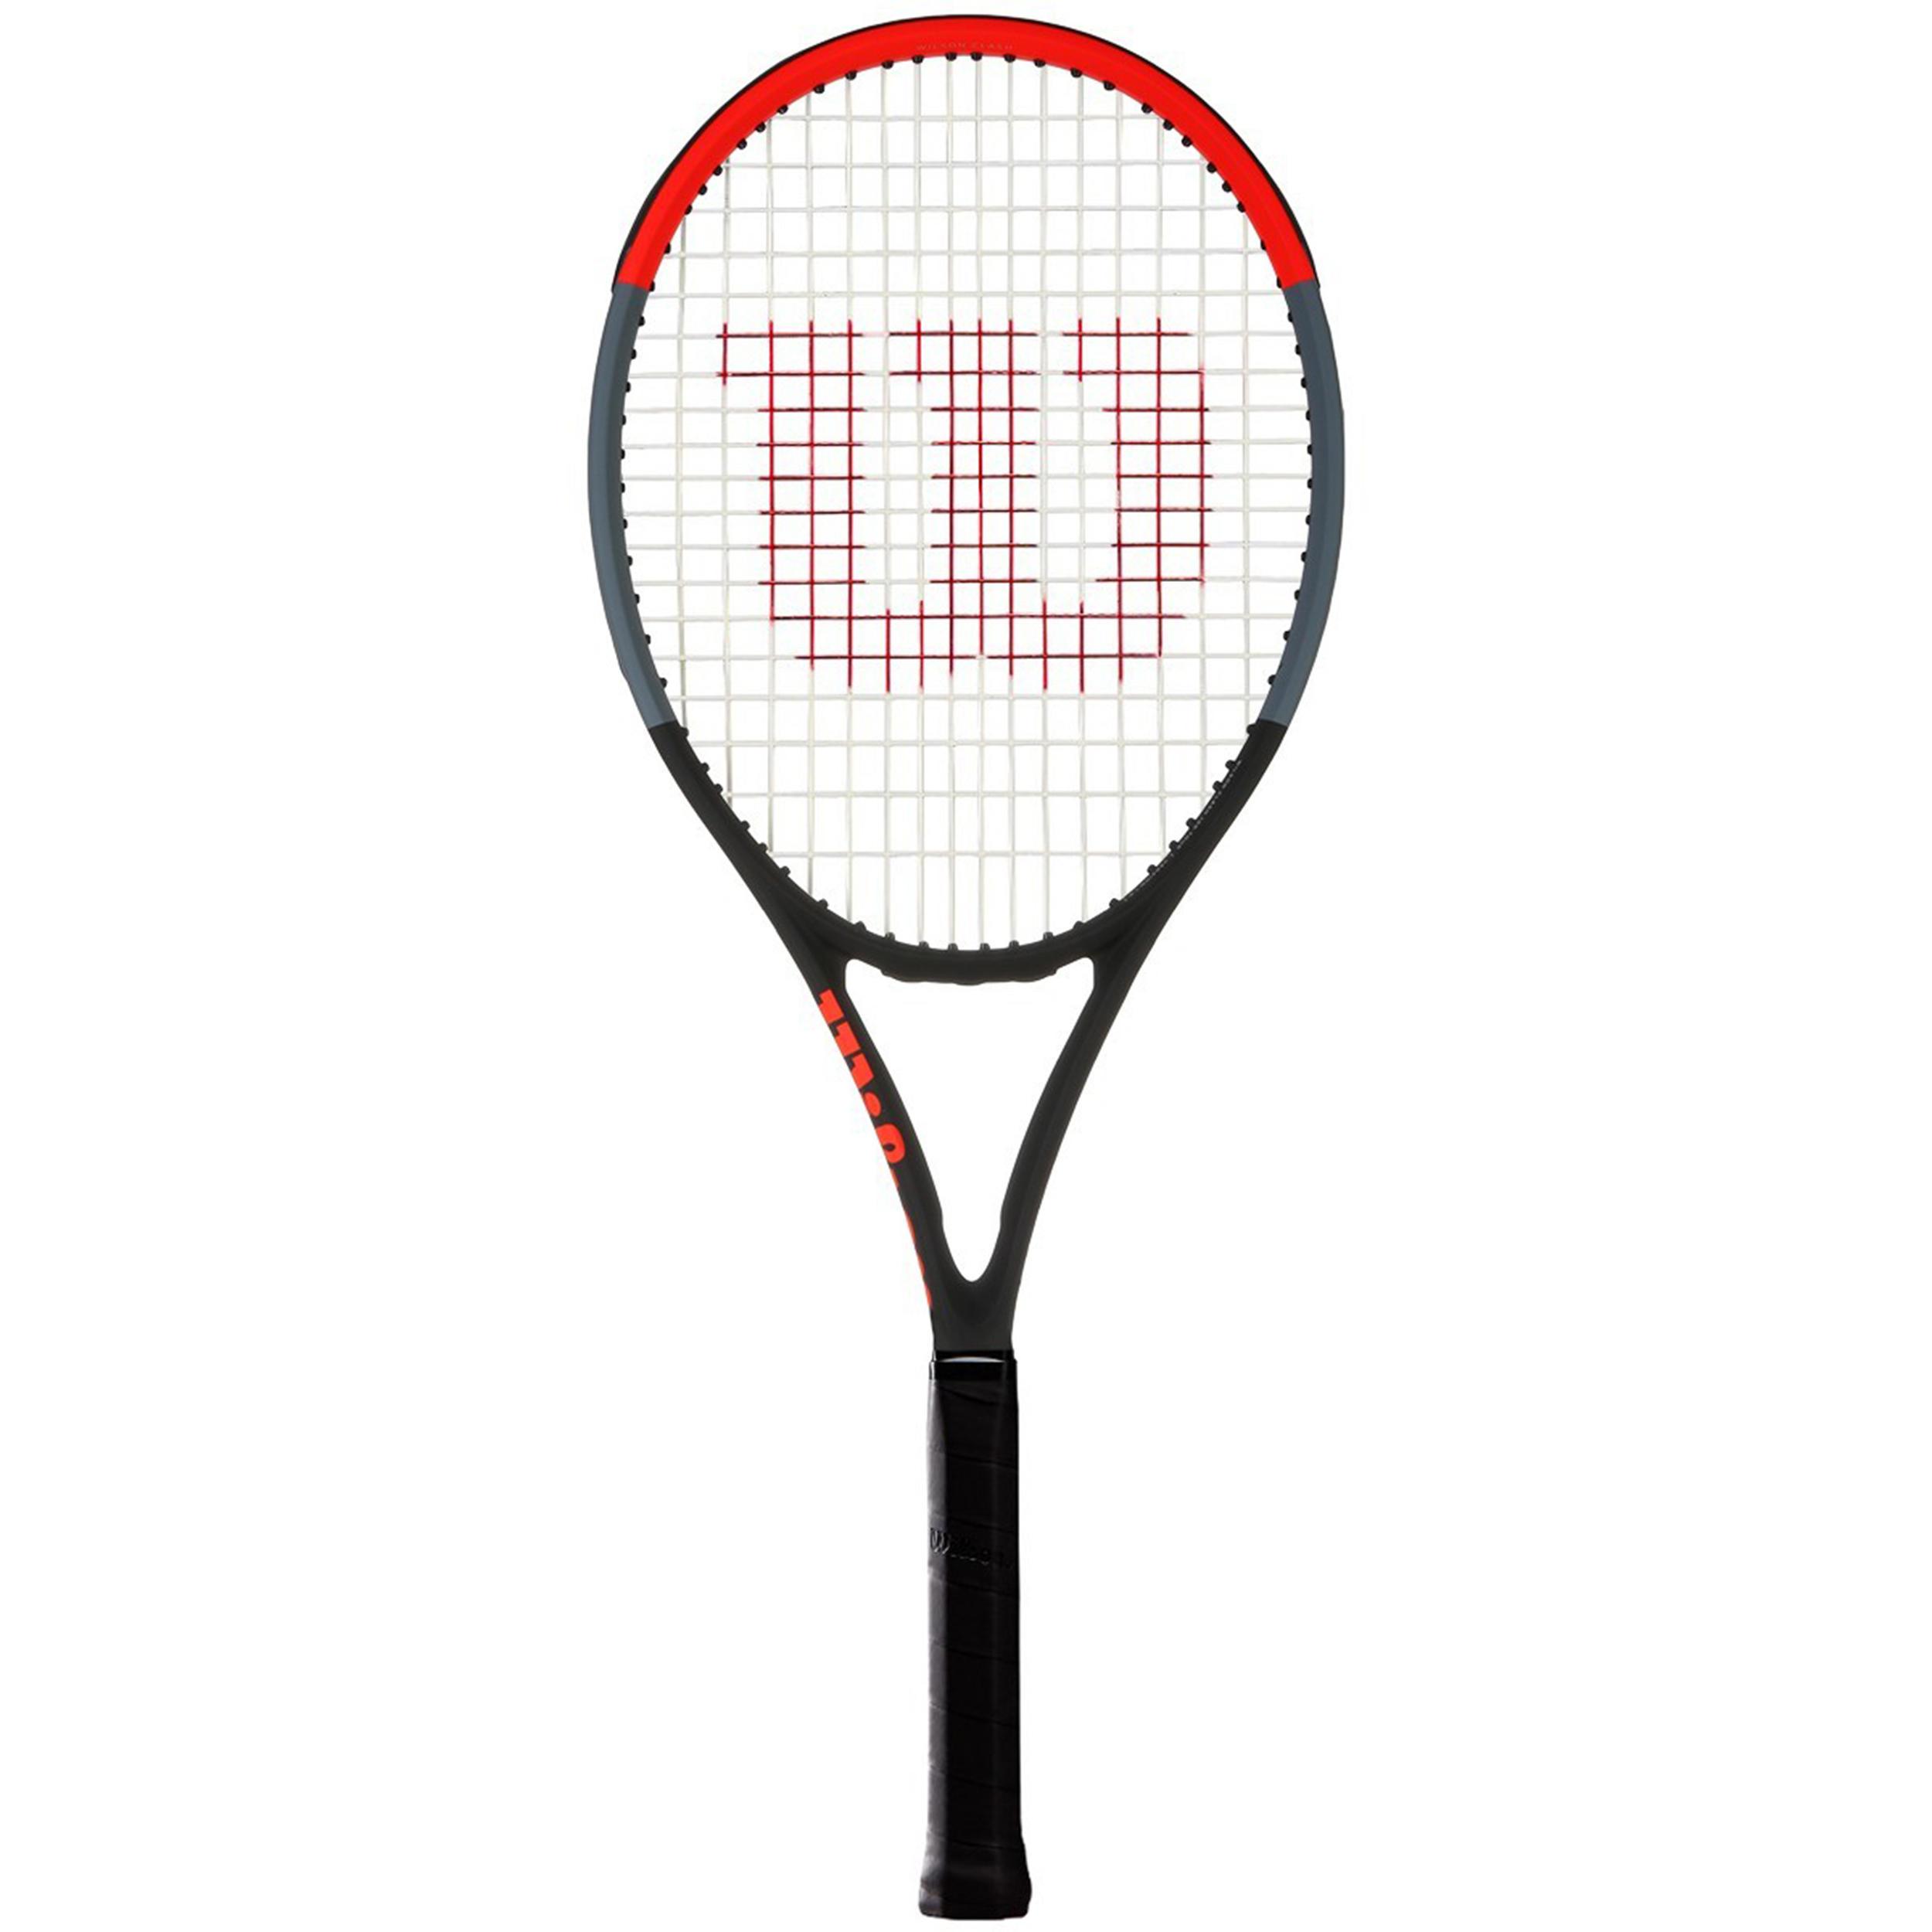 Artikel klicken und genauer betrachten! - Leistungsstarker Tennisschläger für Experten und Expertinnen, die einen leistungsstarken Schläger für eine gute Ballkontrolle suchen | im Online Shop kaufen